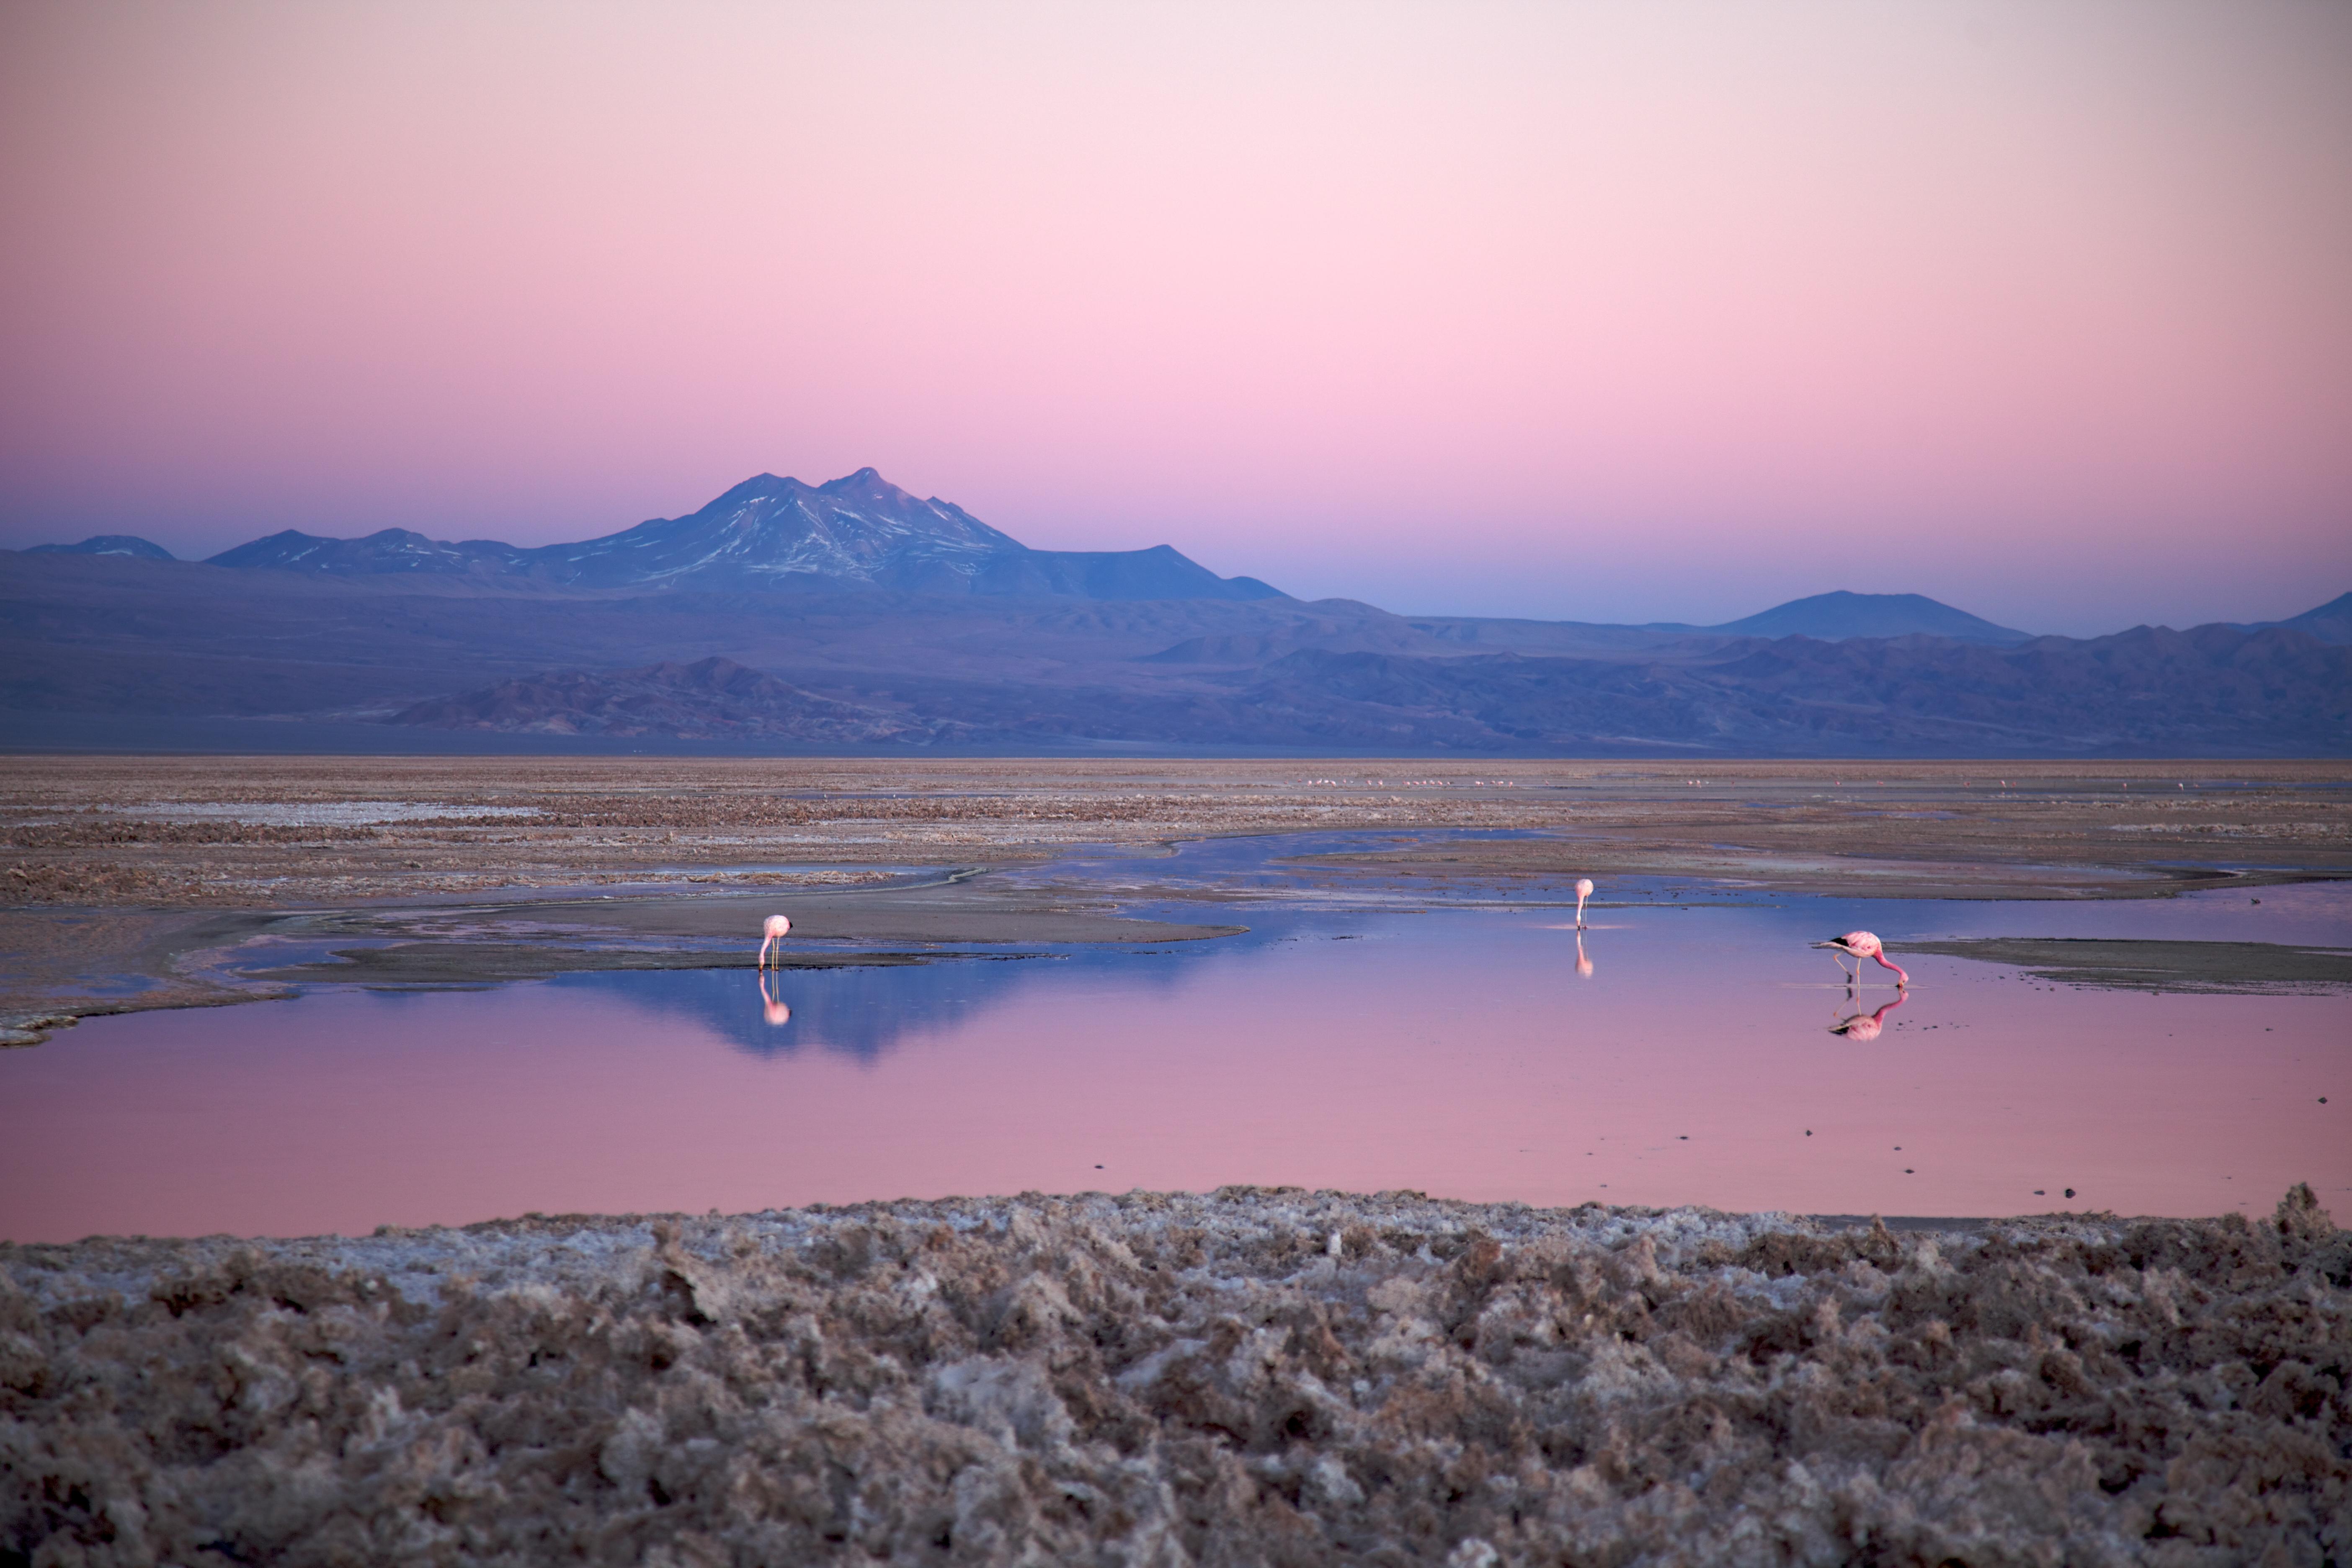 Marte? No, il Deserto di Atacama | www.romyspace.it